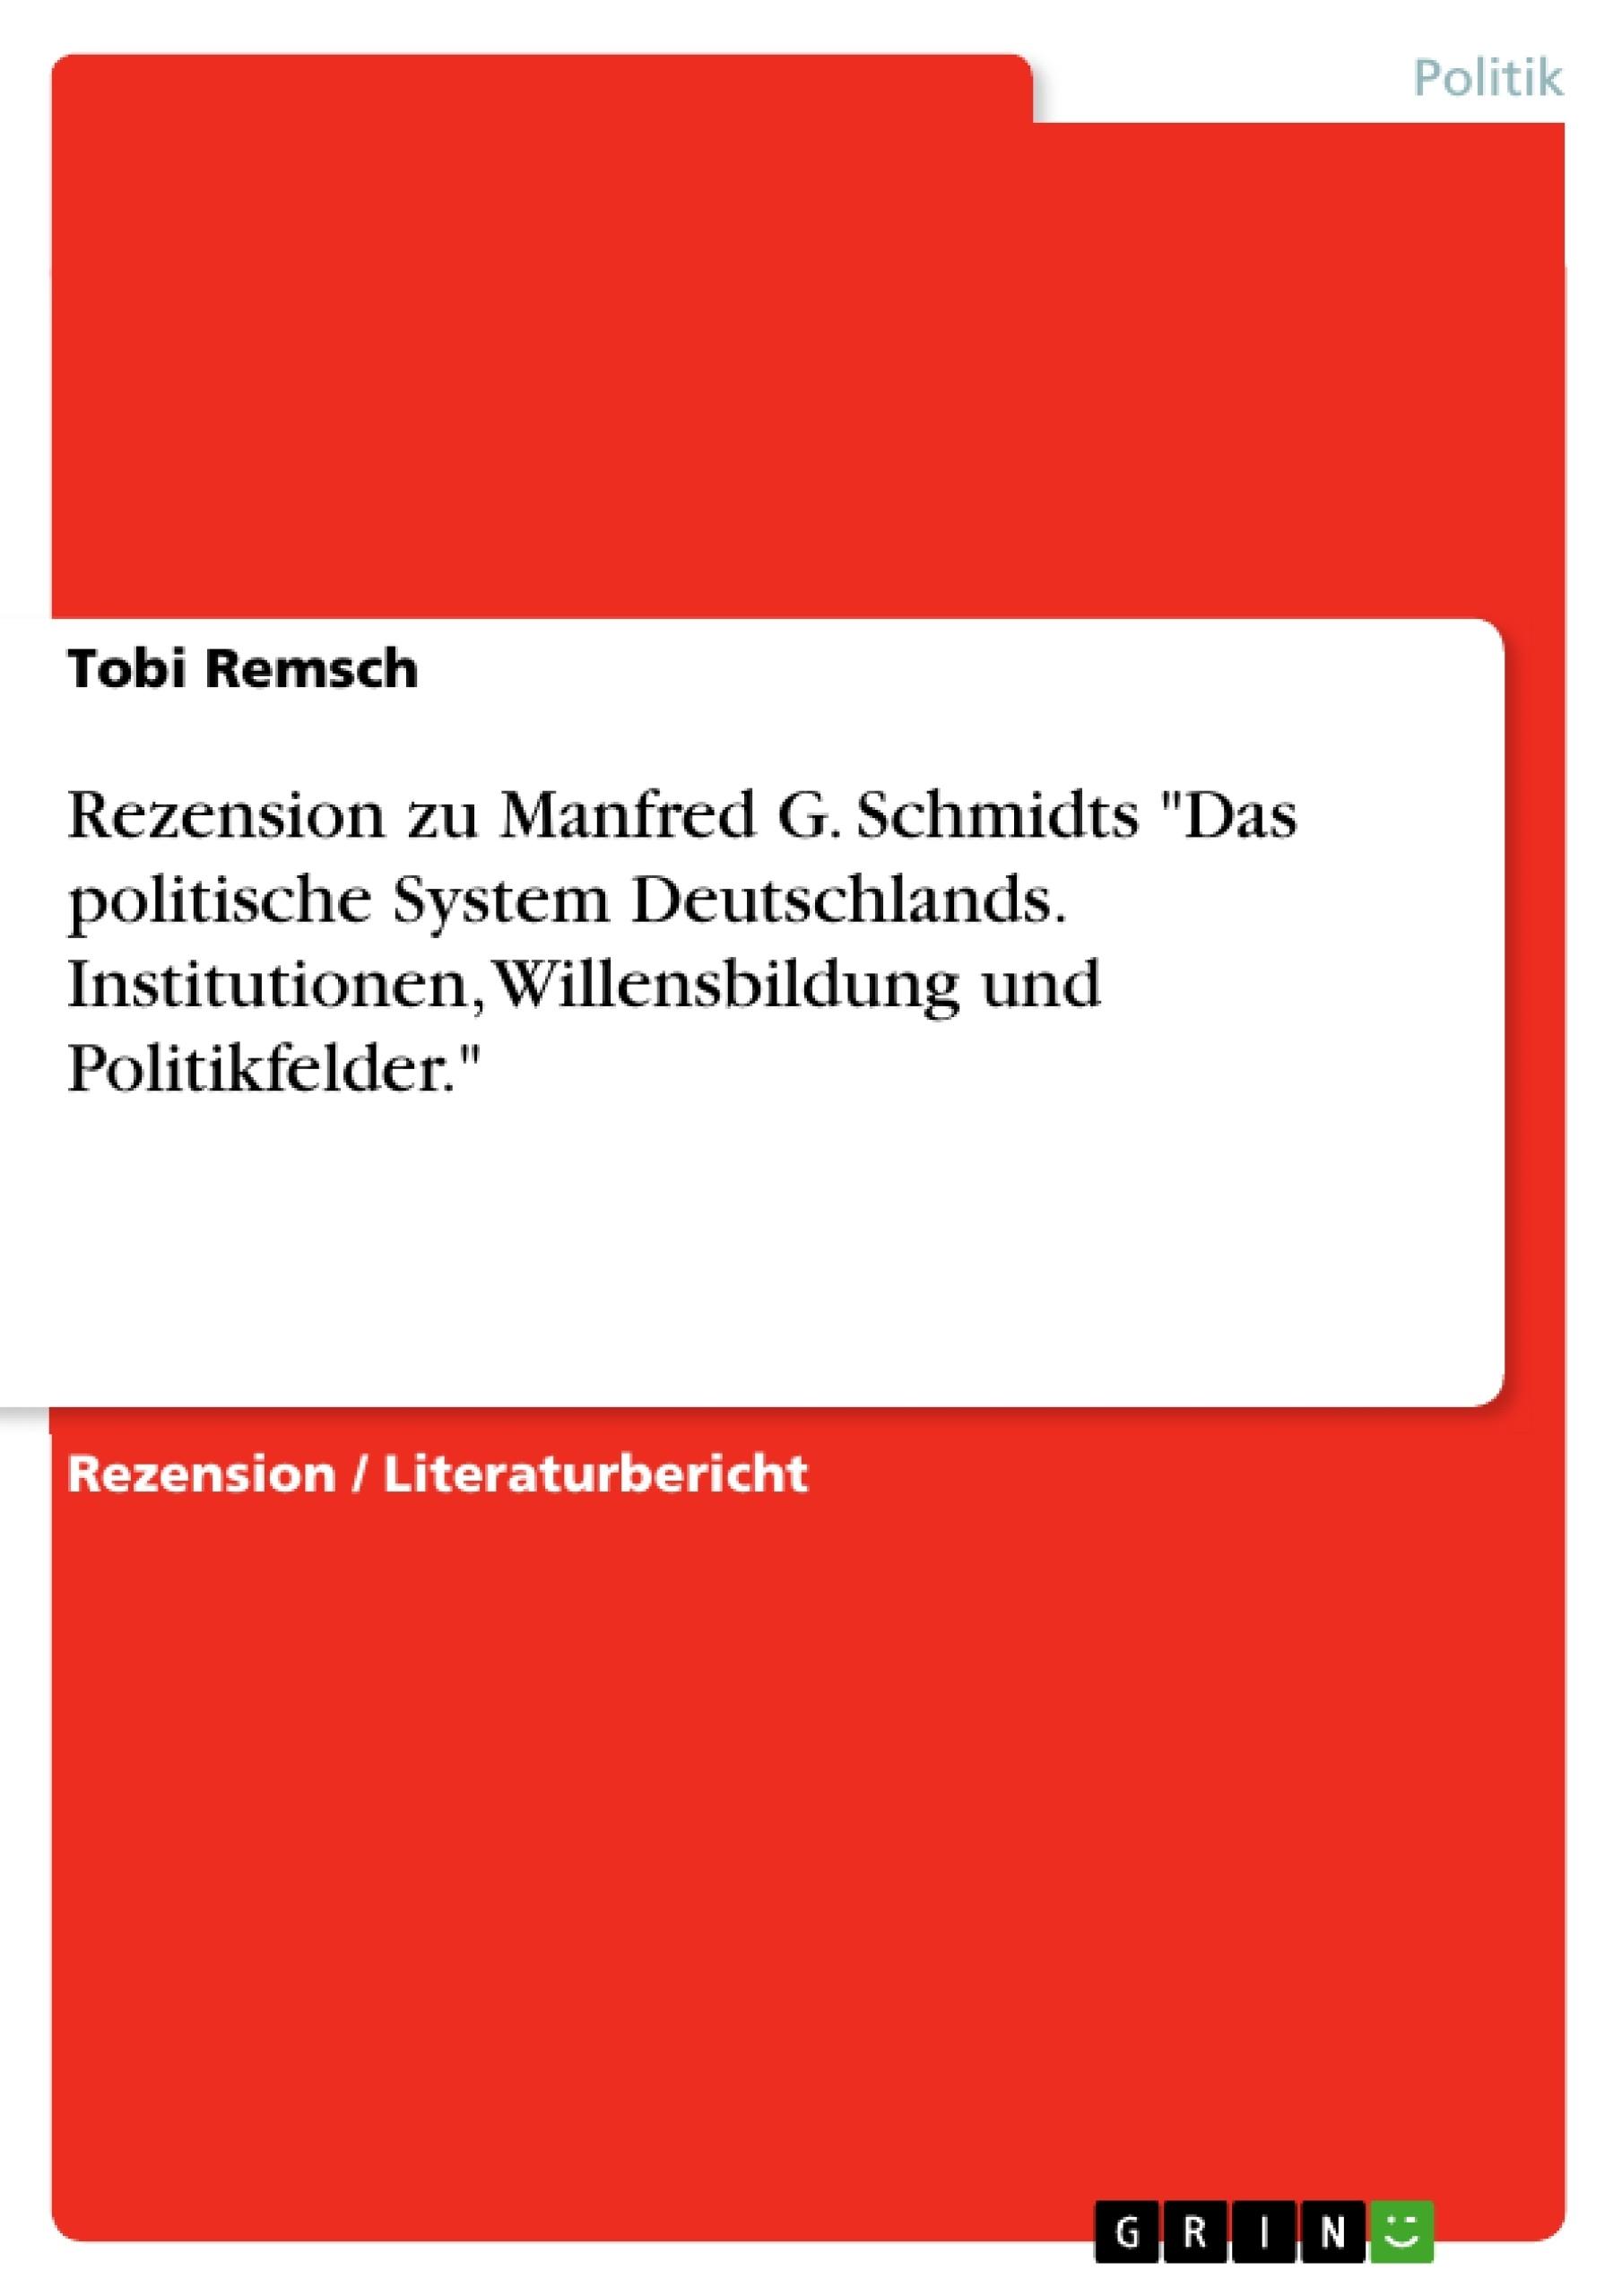 """Titel: Rezension zu Manfred G. Schmidts """"Das politische System Deutschlands. Institutionen, Willensbildung und Politikfelder."""""""